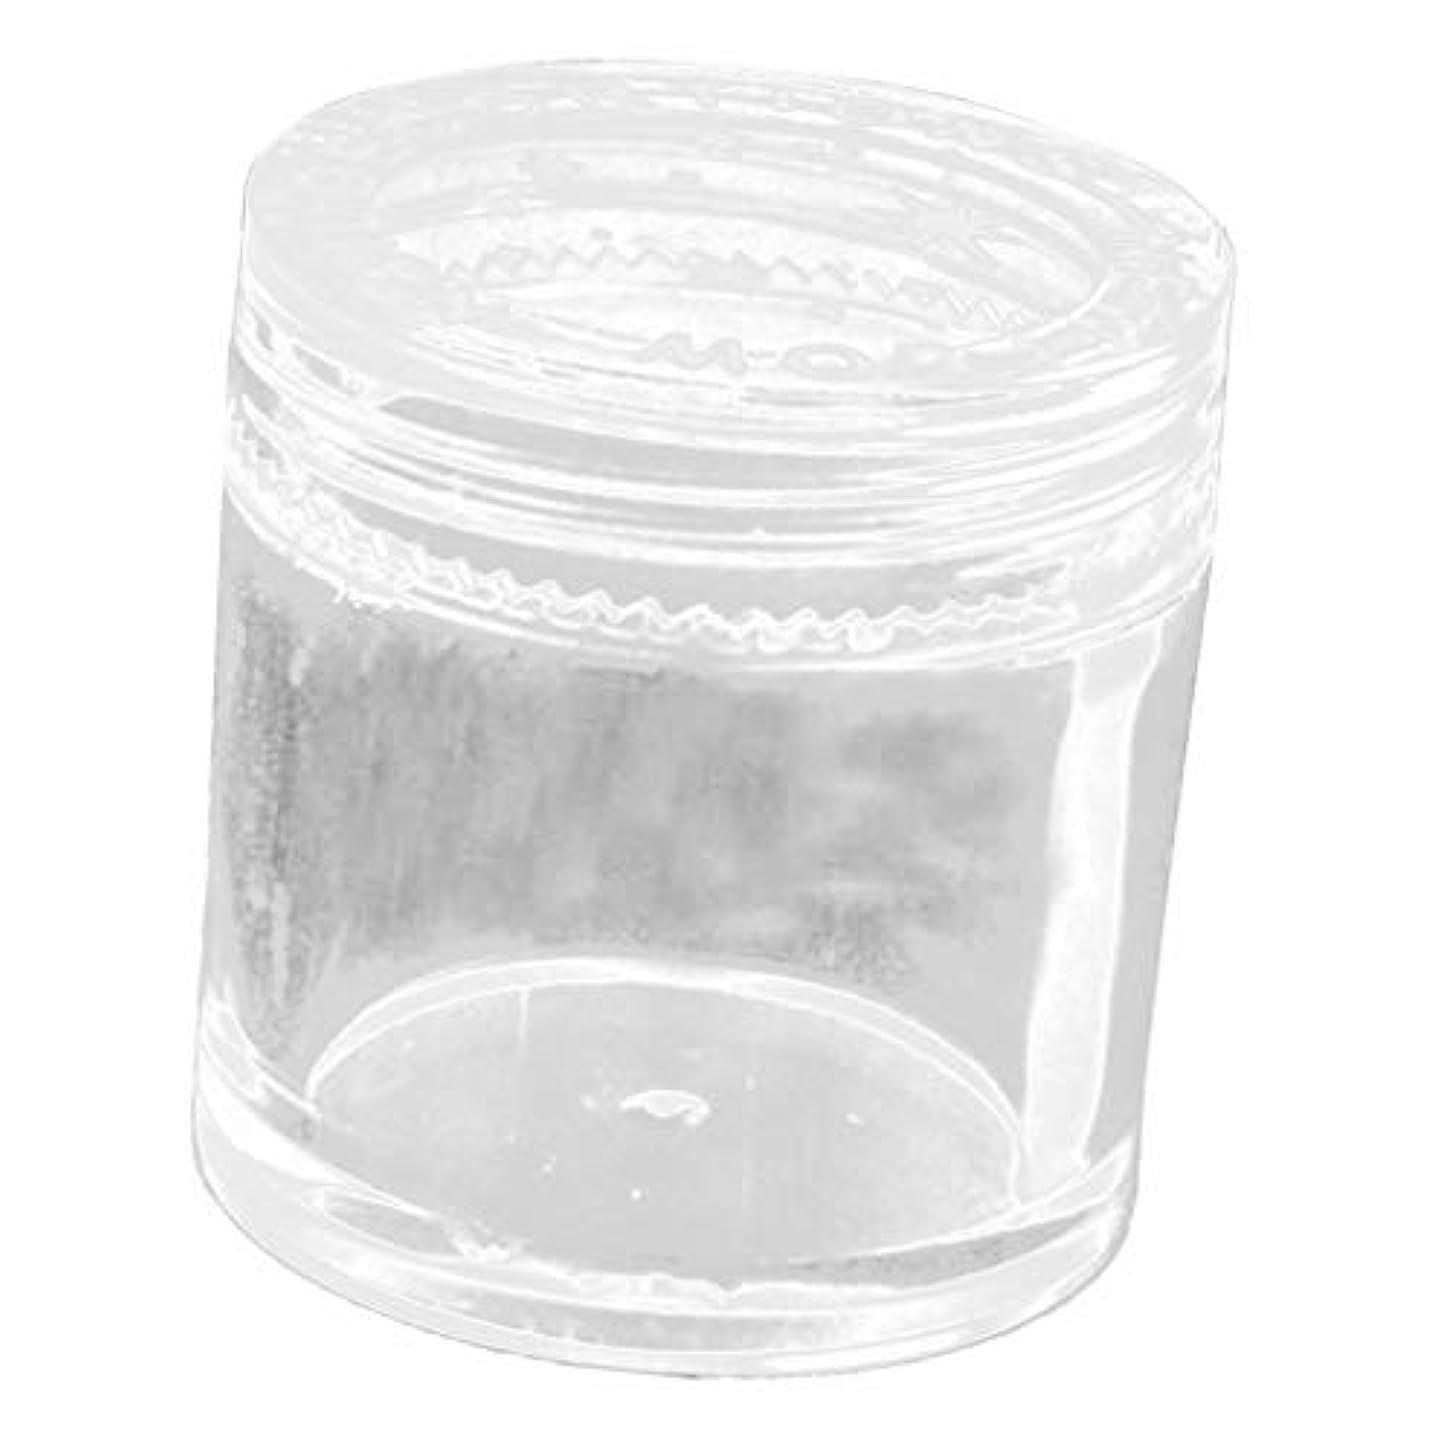 不公平状況恐れDYNWAVE ネイルアートケース ジュエリーボックス 小物入れ 収納瓶 工芸品 ビーズ 宝石 収納ボックス 透明